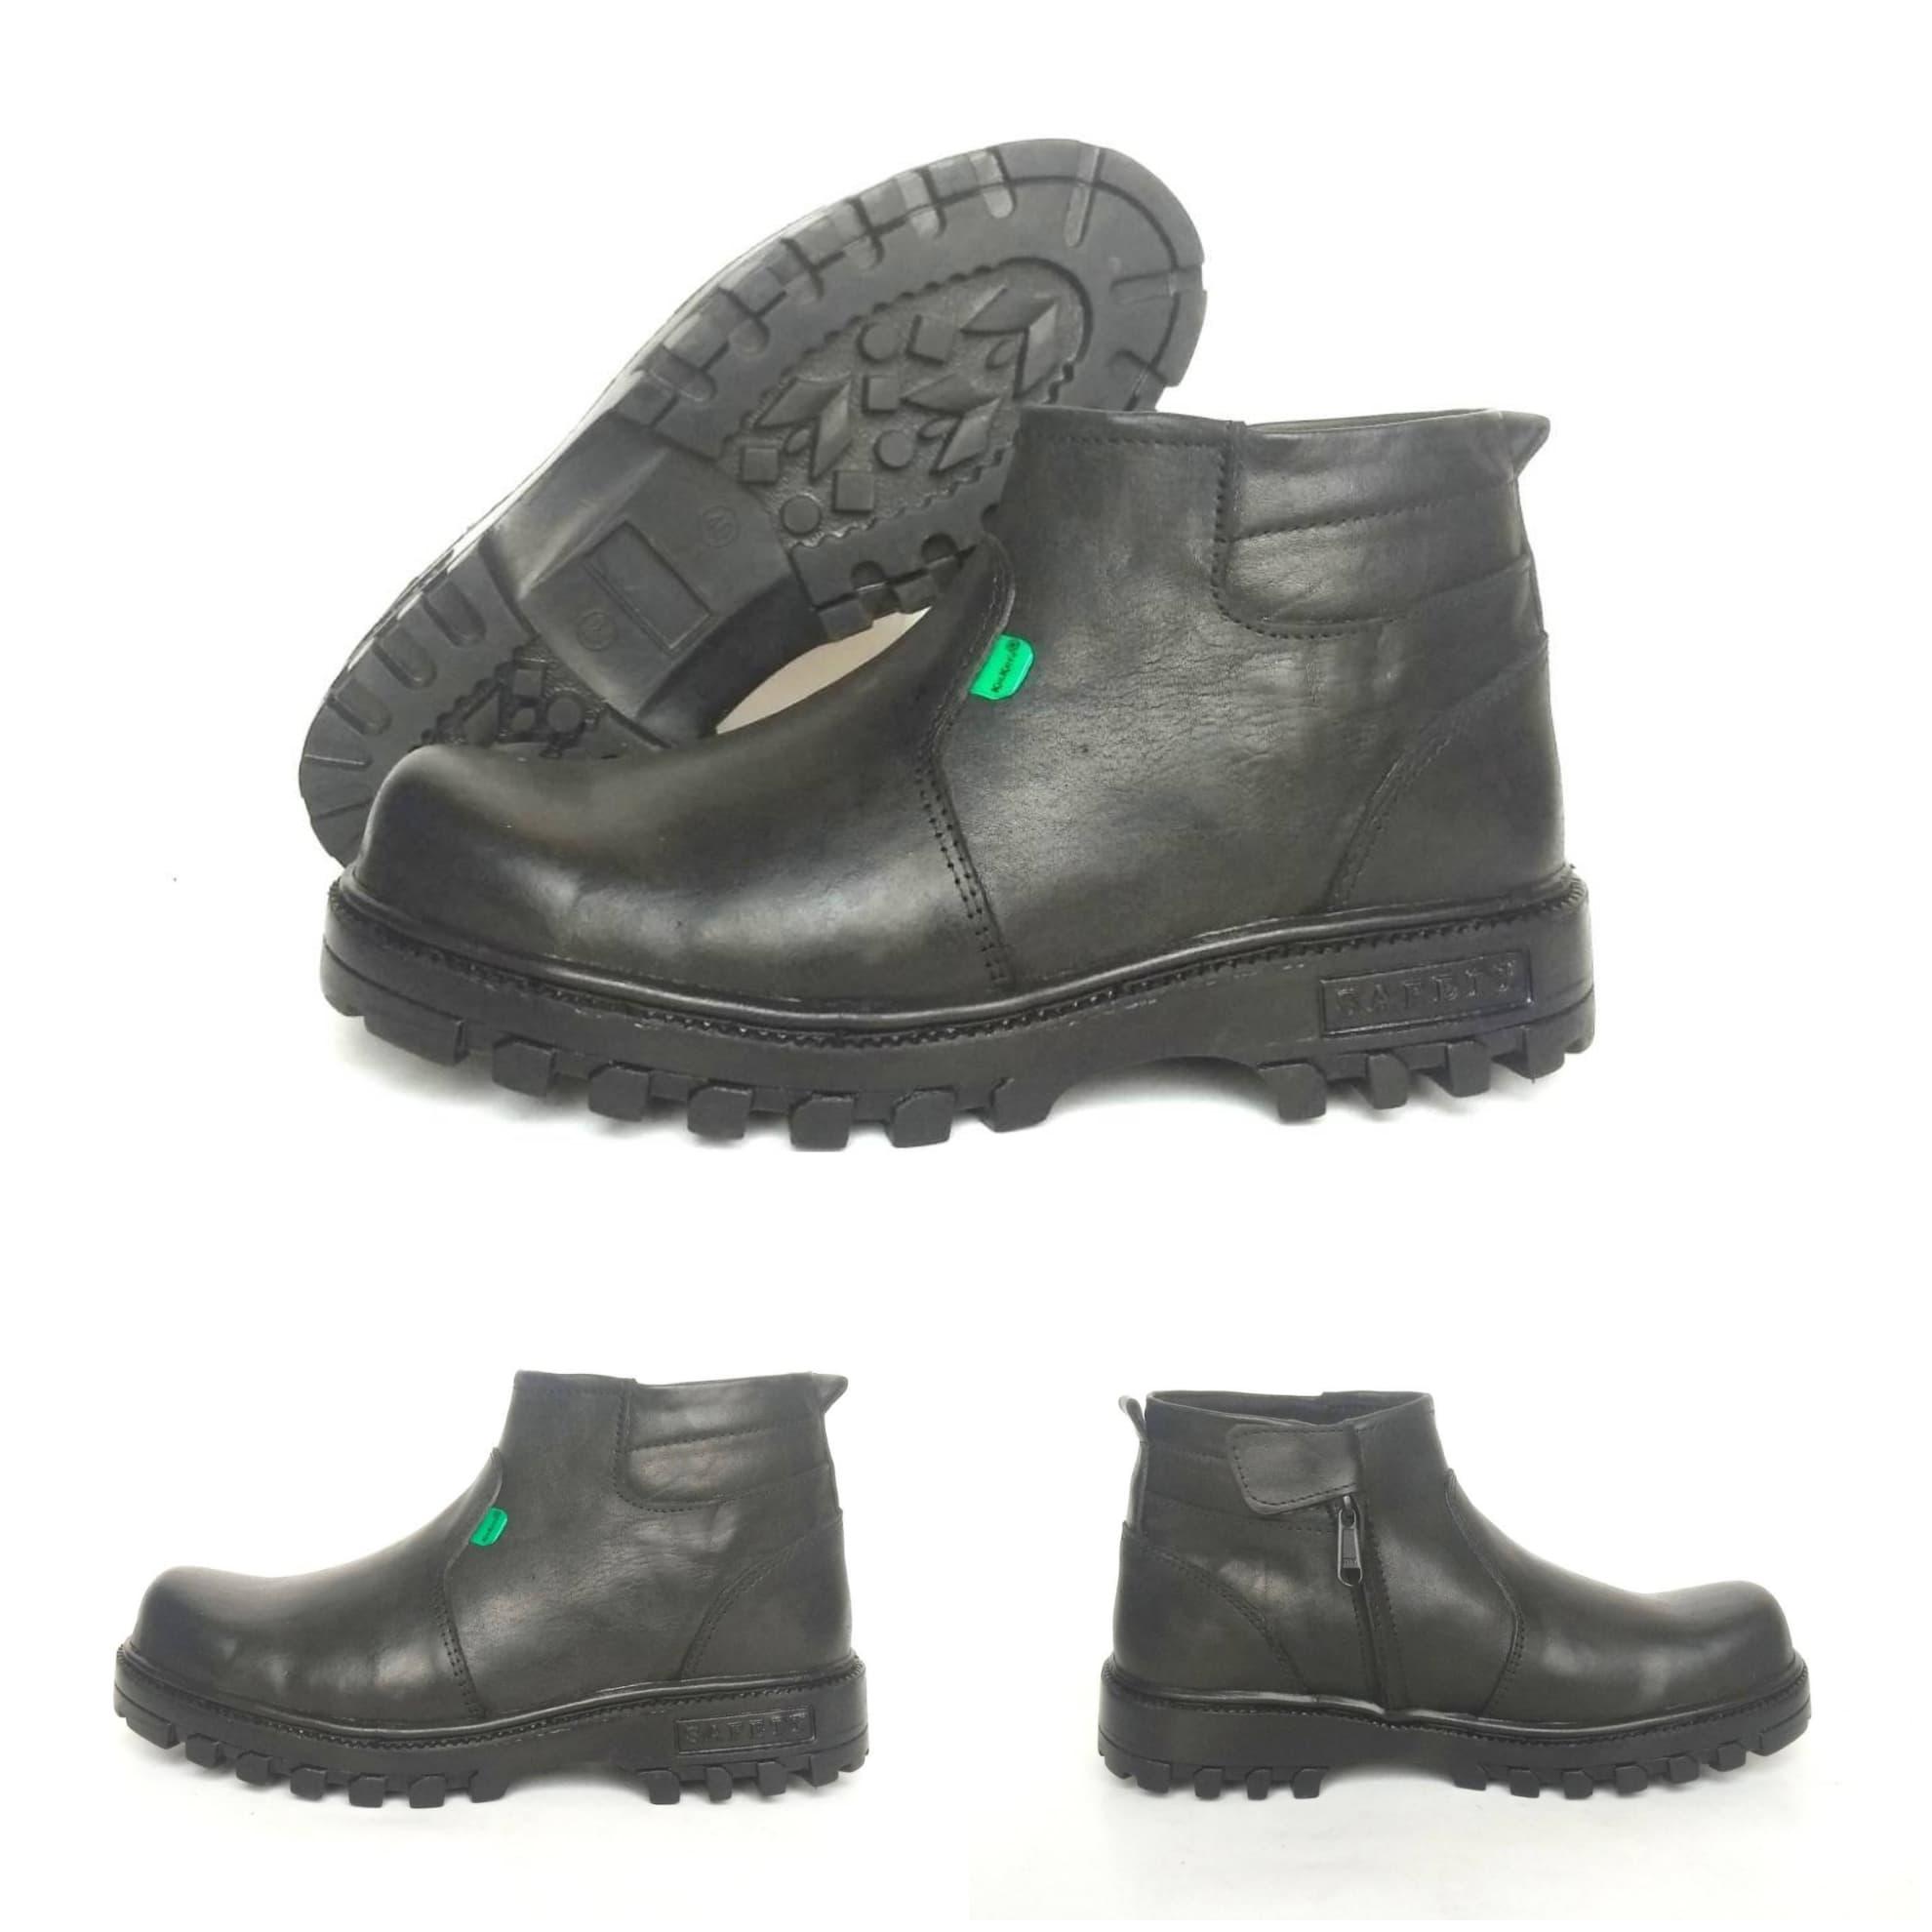 MURAH Sepatu Boots Pria Kickers X Men Safety Kulit Asli Ujung Besi 19c36a91e3